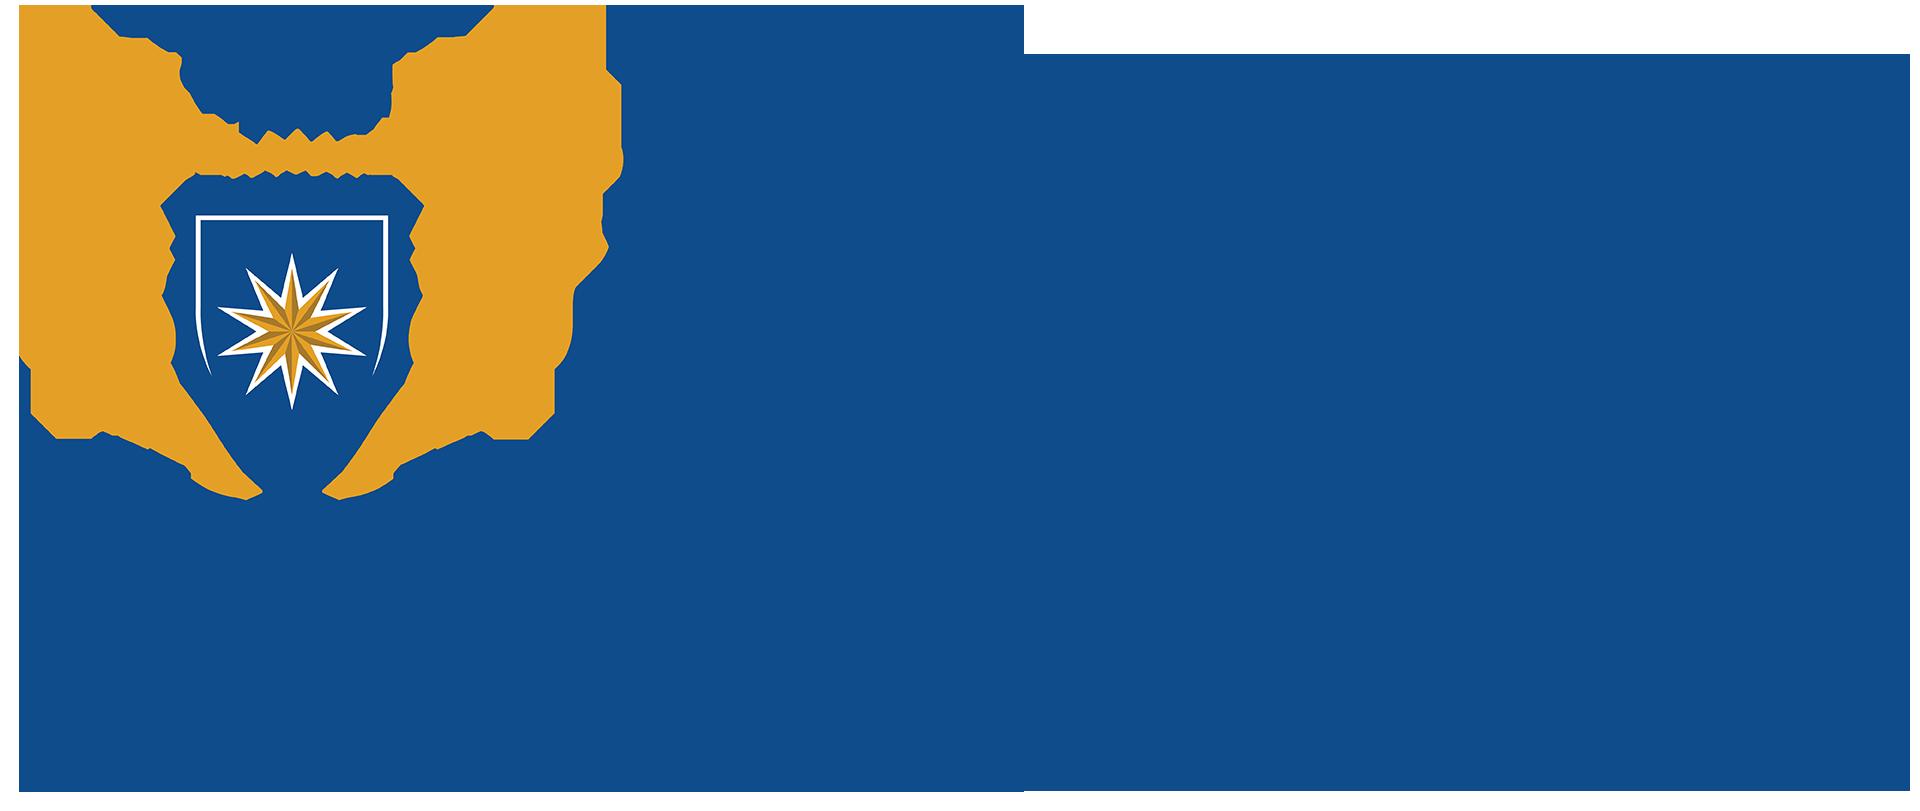 THẠC SĨ TÀI CHÍNH HỌC VIỆN ISB - Liên kết ĐH MASSEY NEWZEALAND